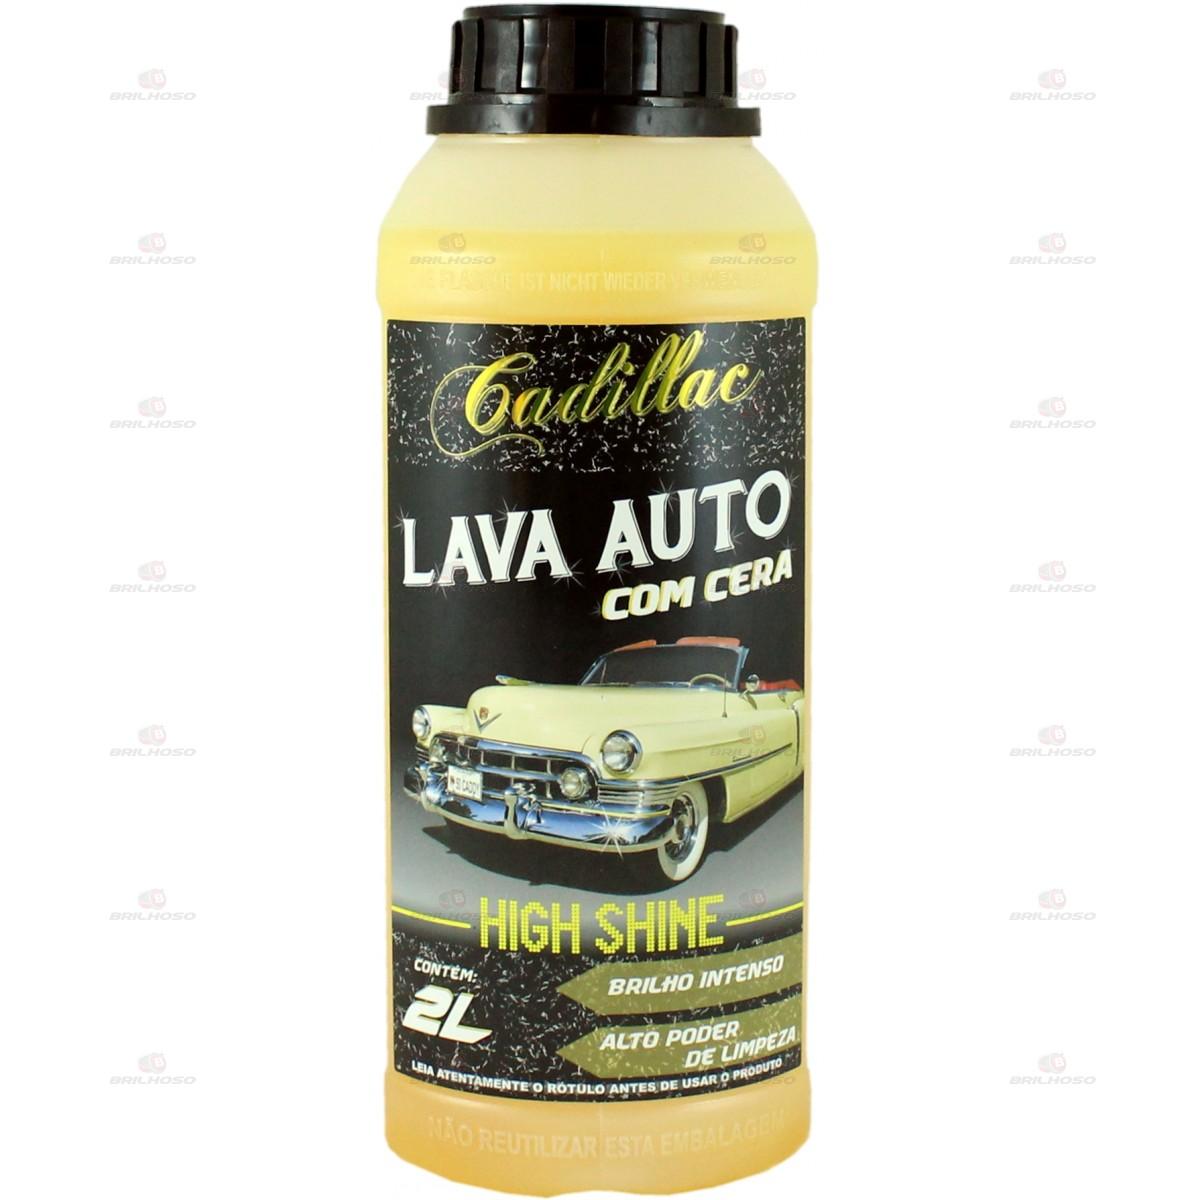 lava_auto_high_shine